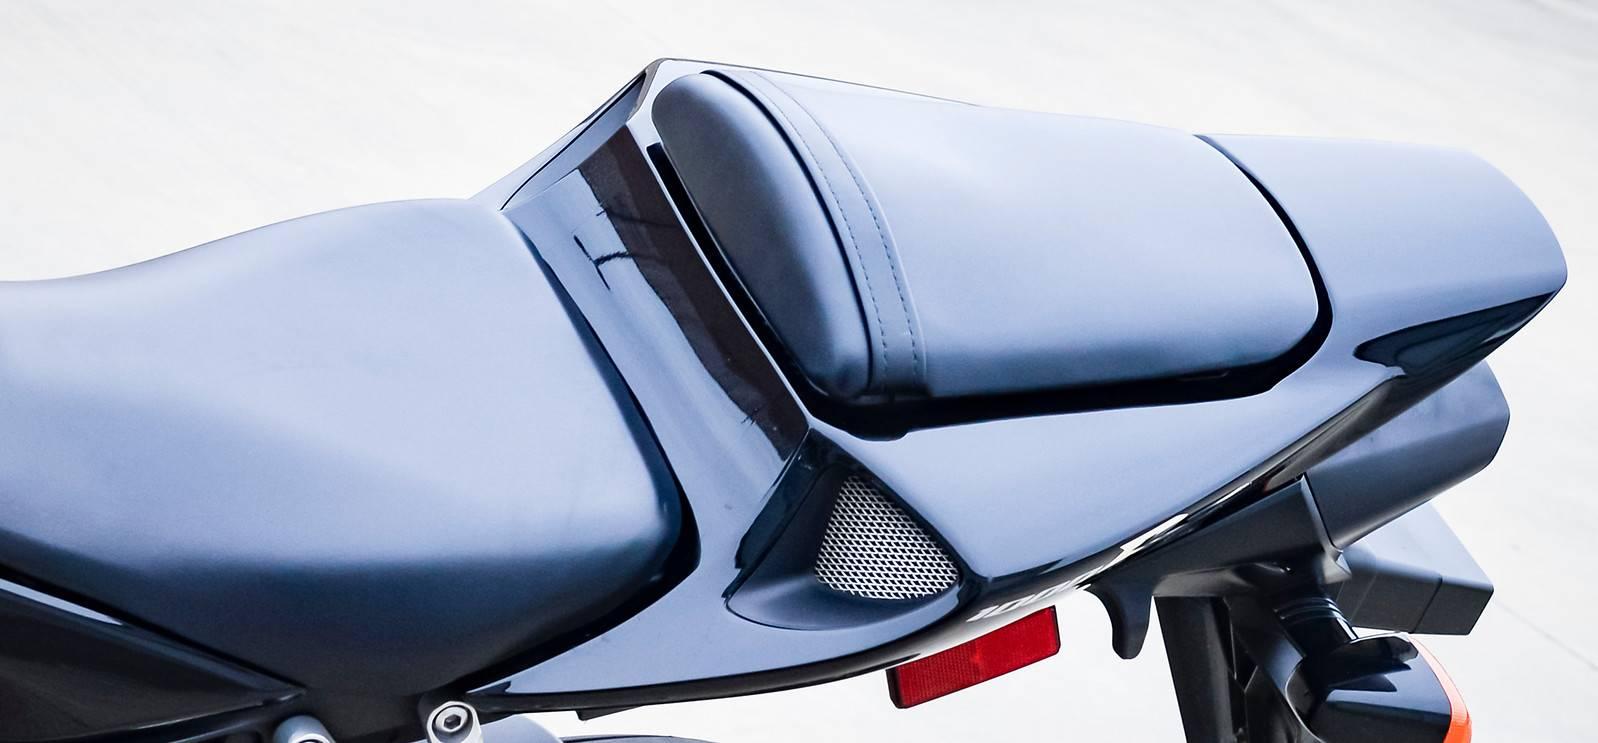 2006 Honda CBR1000RR 10